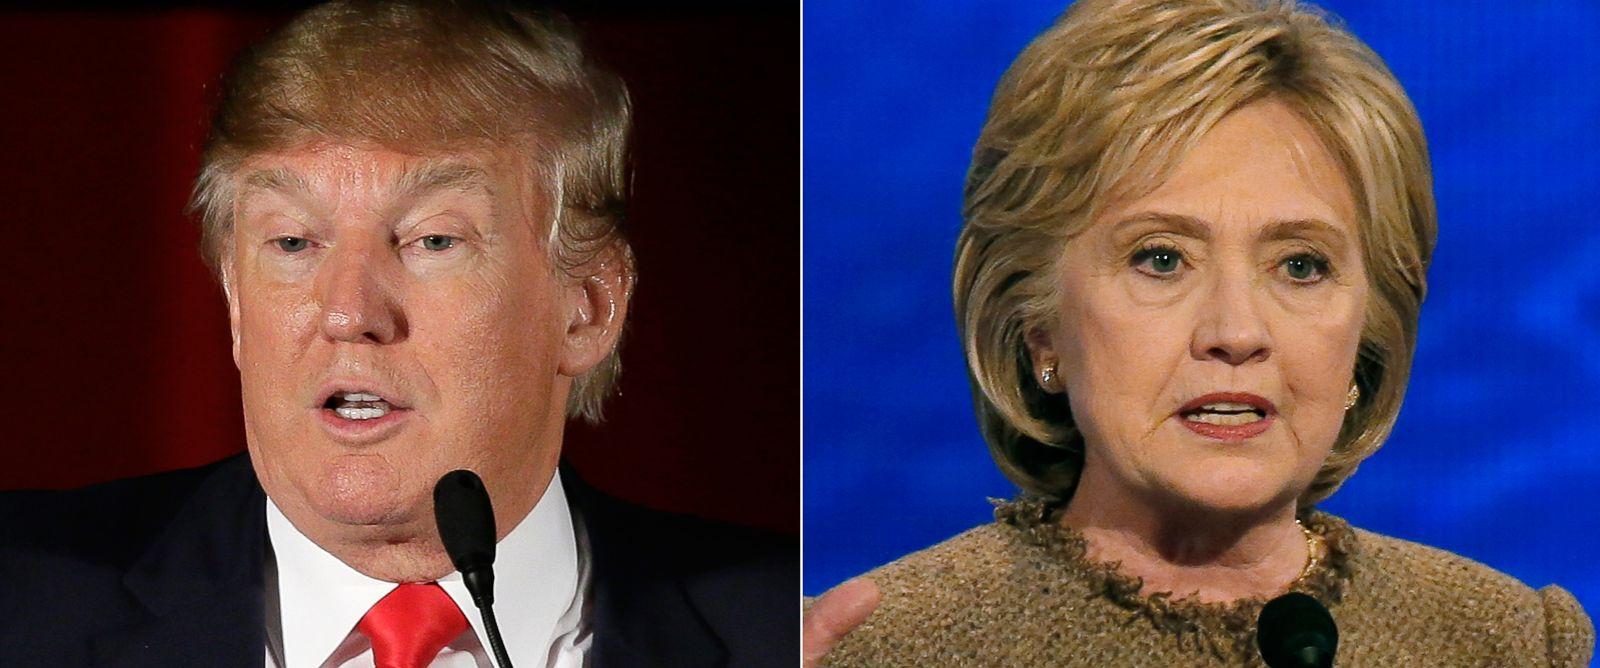 PHOTO: Pictured (L-R) are Republican presidential candidate Donald Trump in in Cedar Rapids, Iowa, Dec. 19, 2015 and Democratic presidential candidate Hillary Clinton in Manchester, N.H., Dec. 19, 2015.